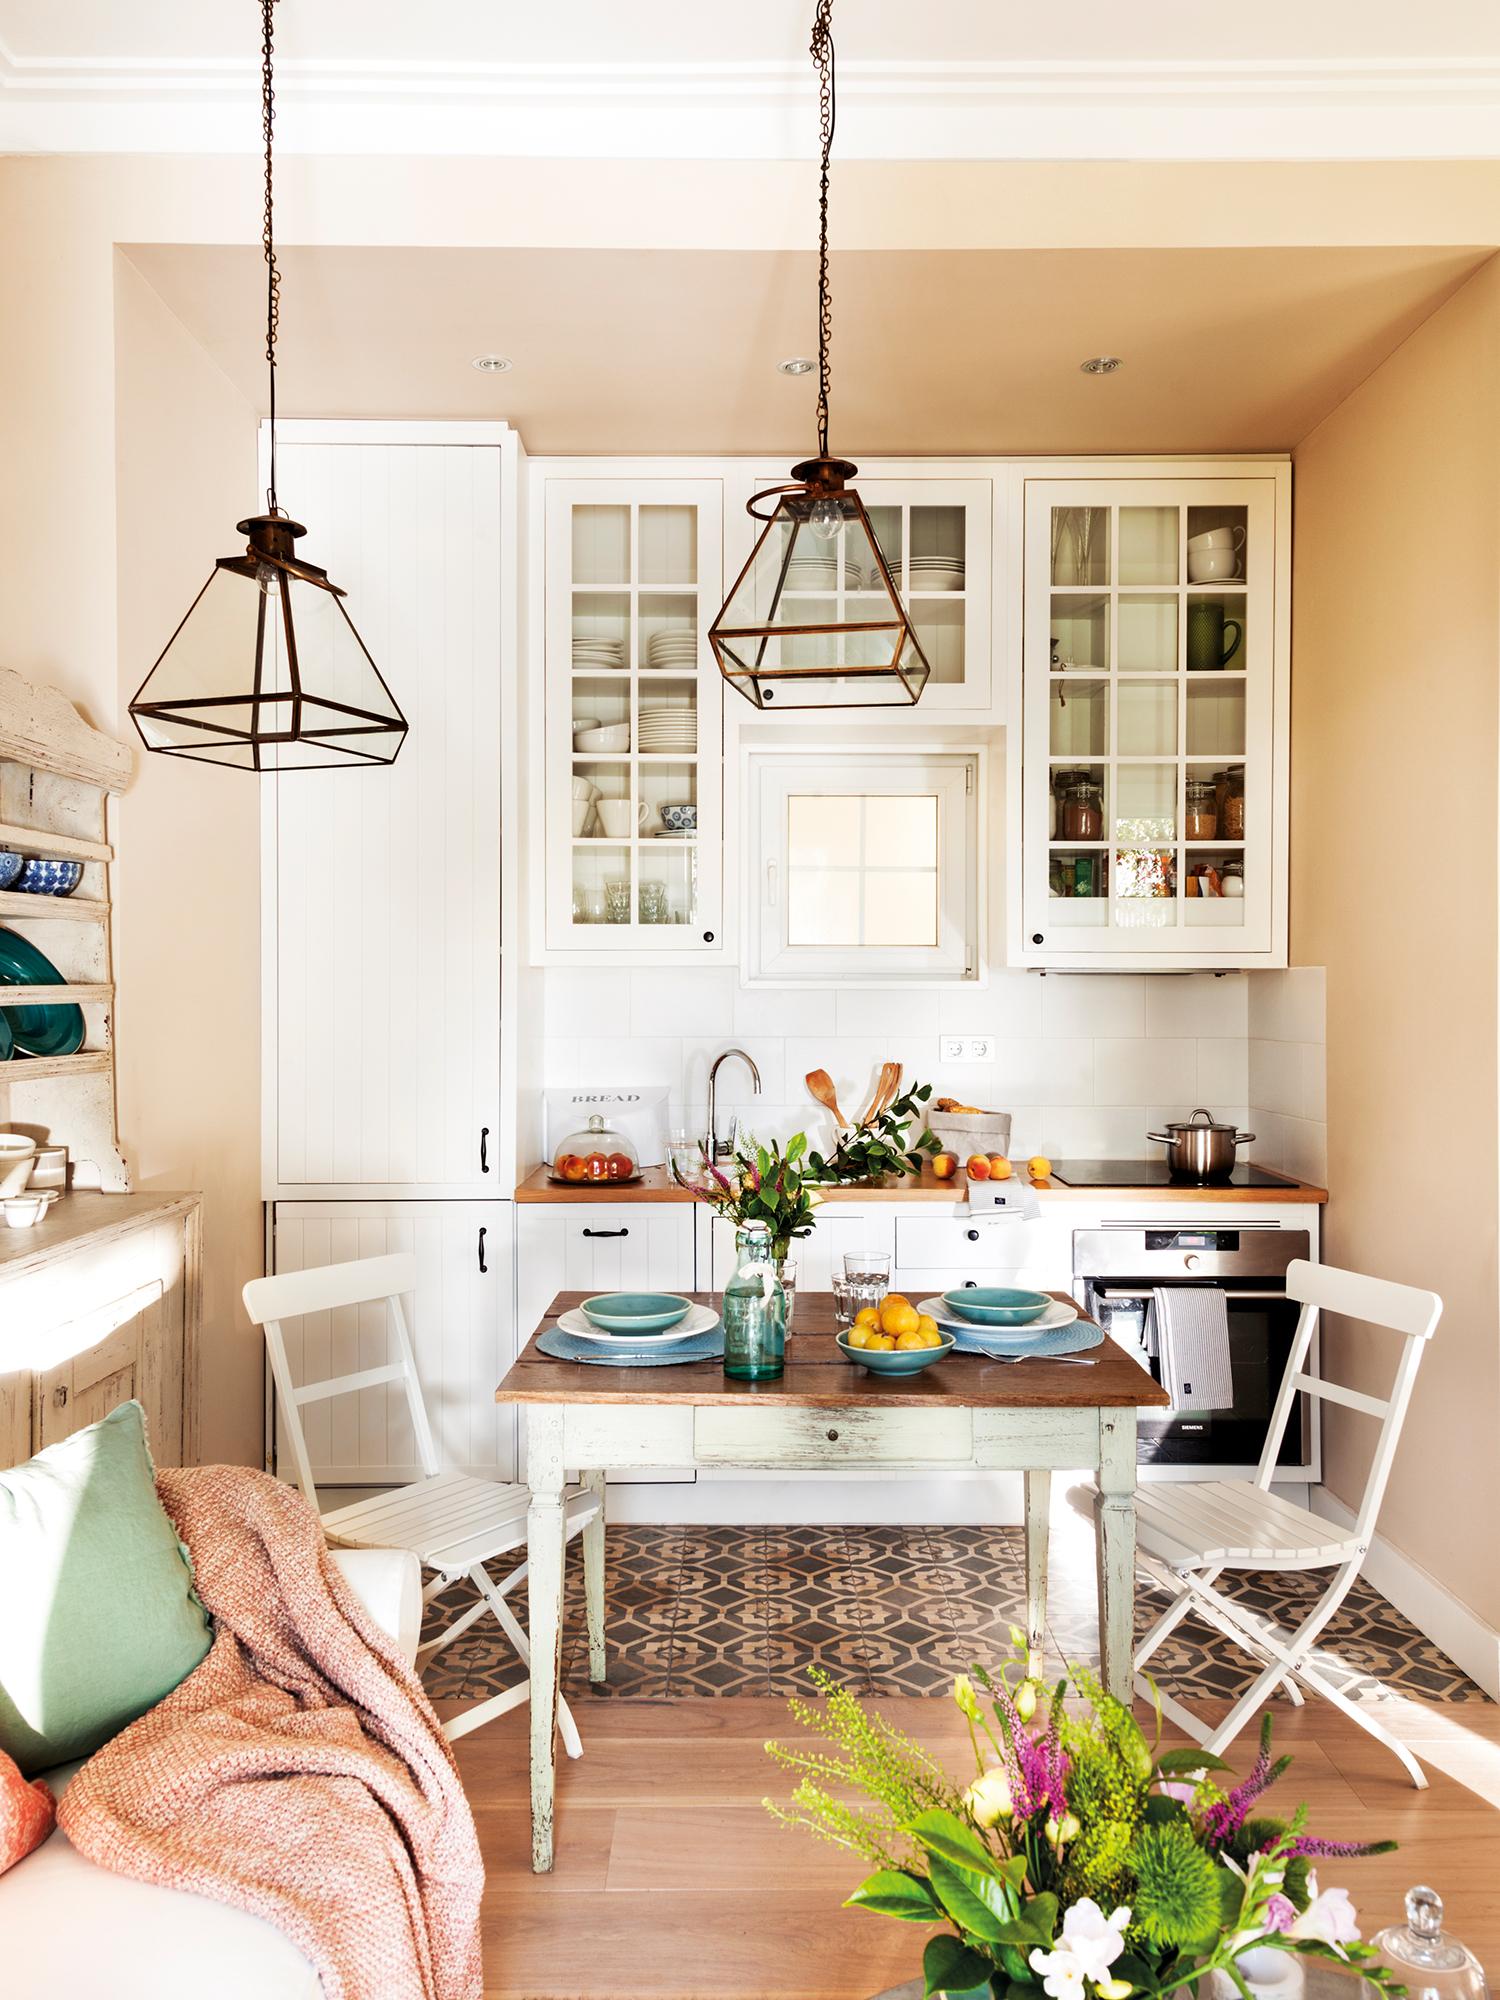 Cocinas peque as en un solo frente - Cocinas pequenas con mesa ...